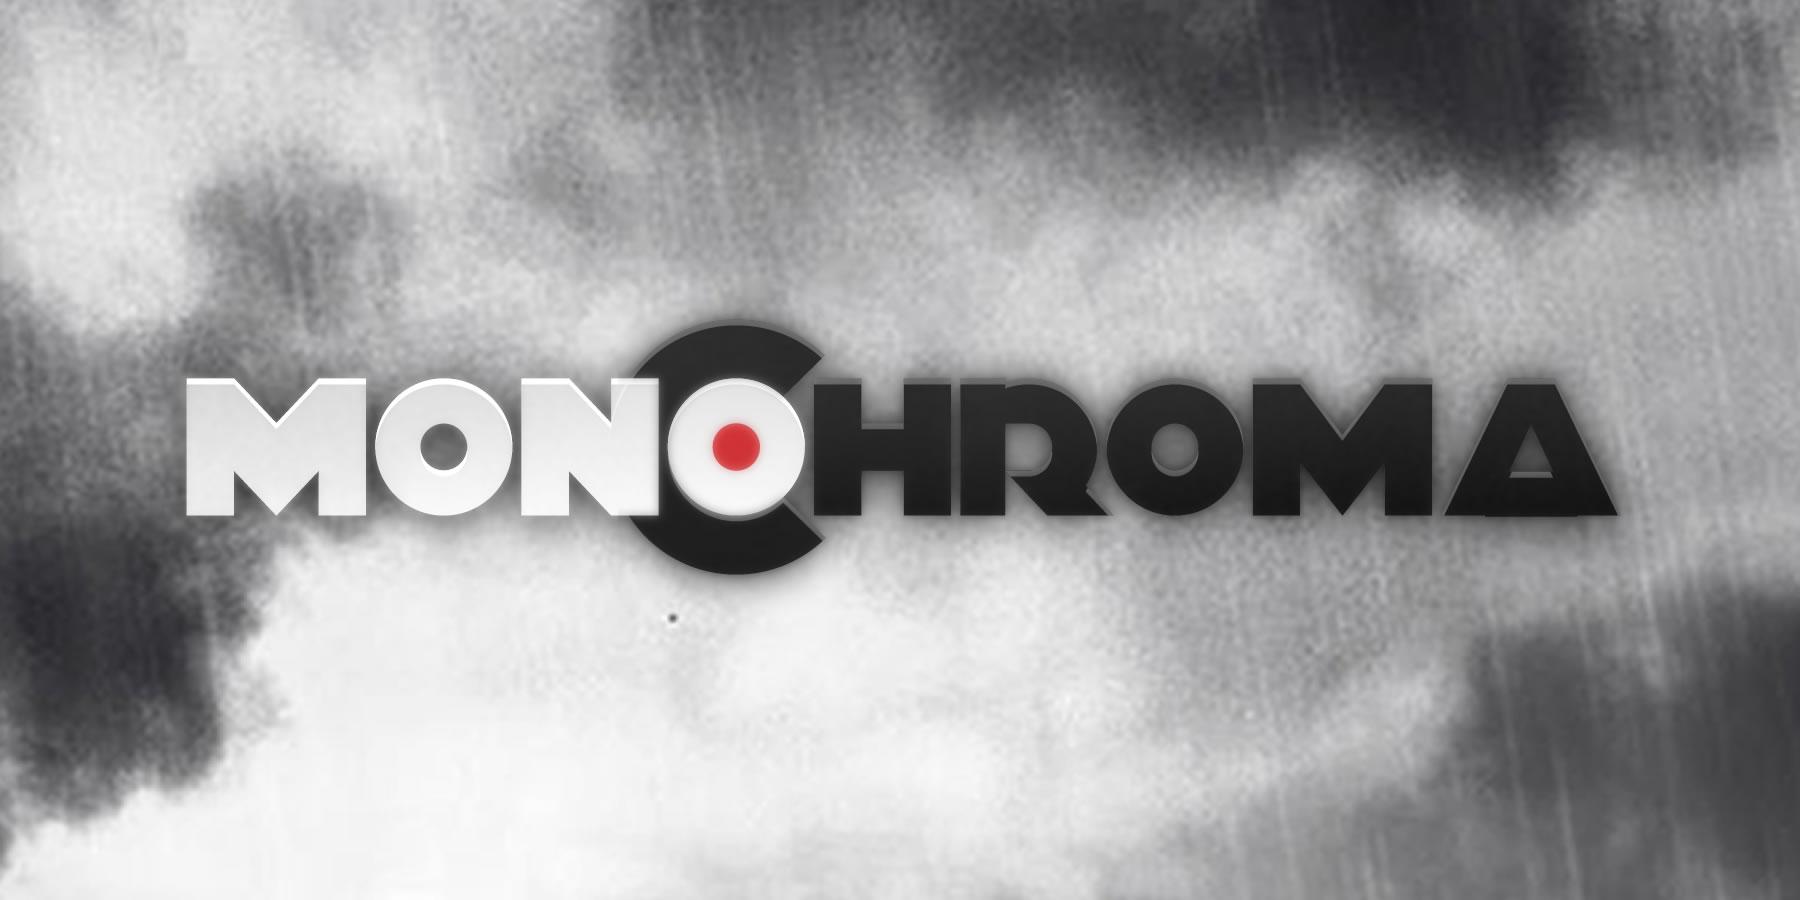 Monochroma-header